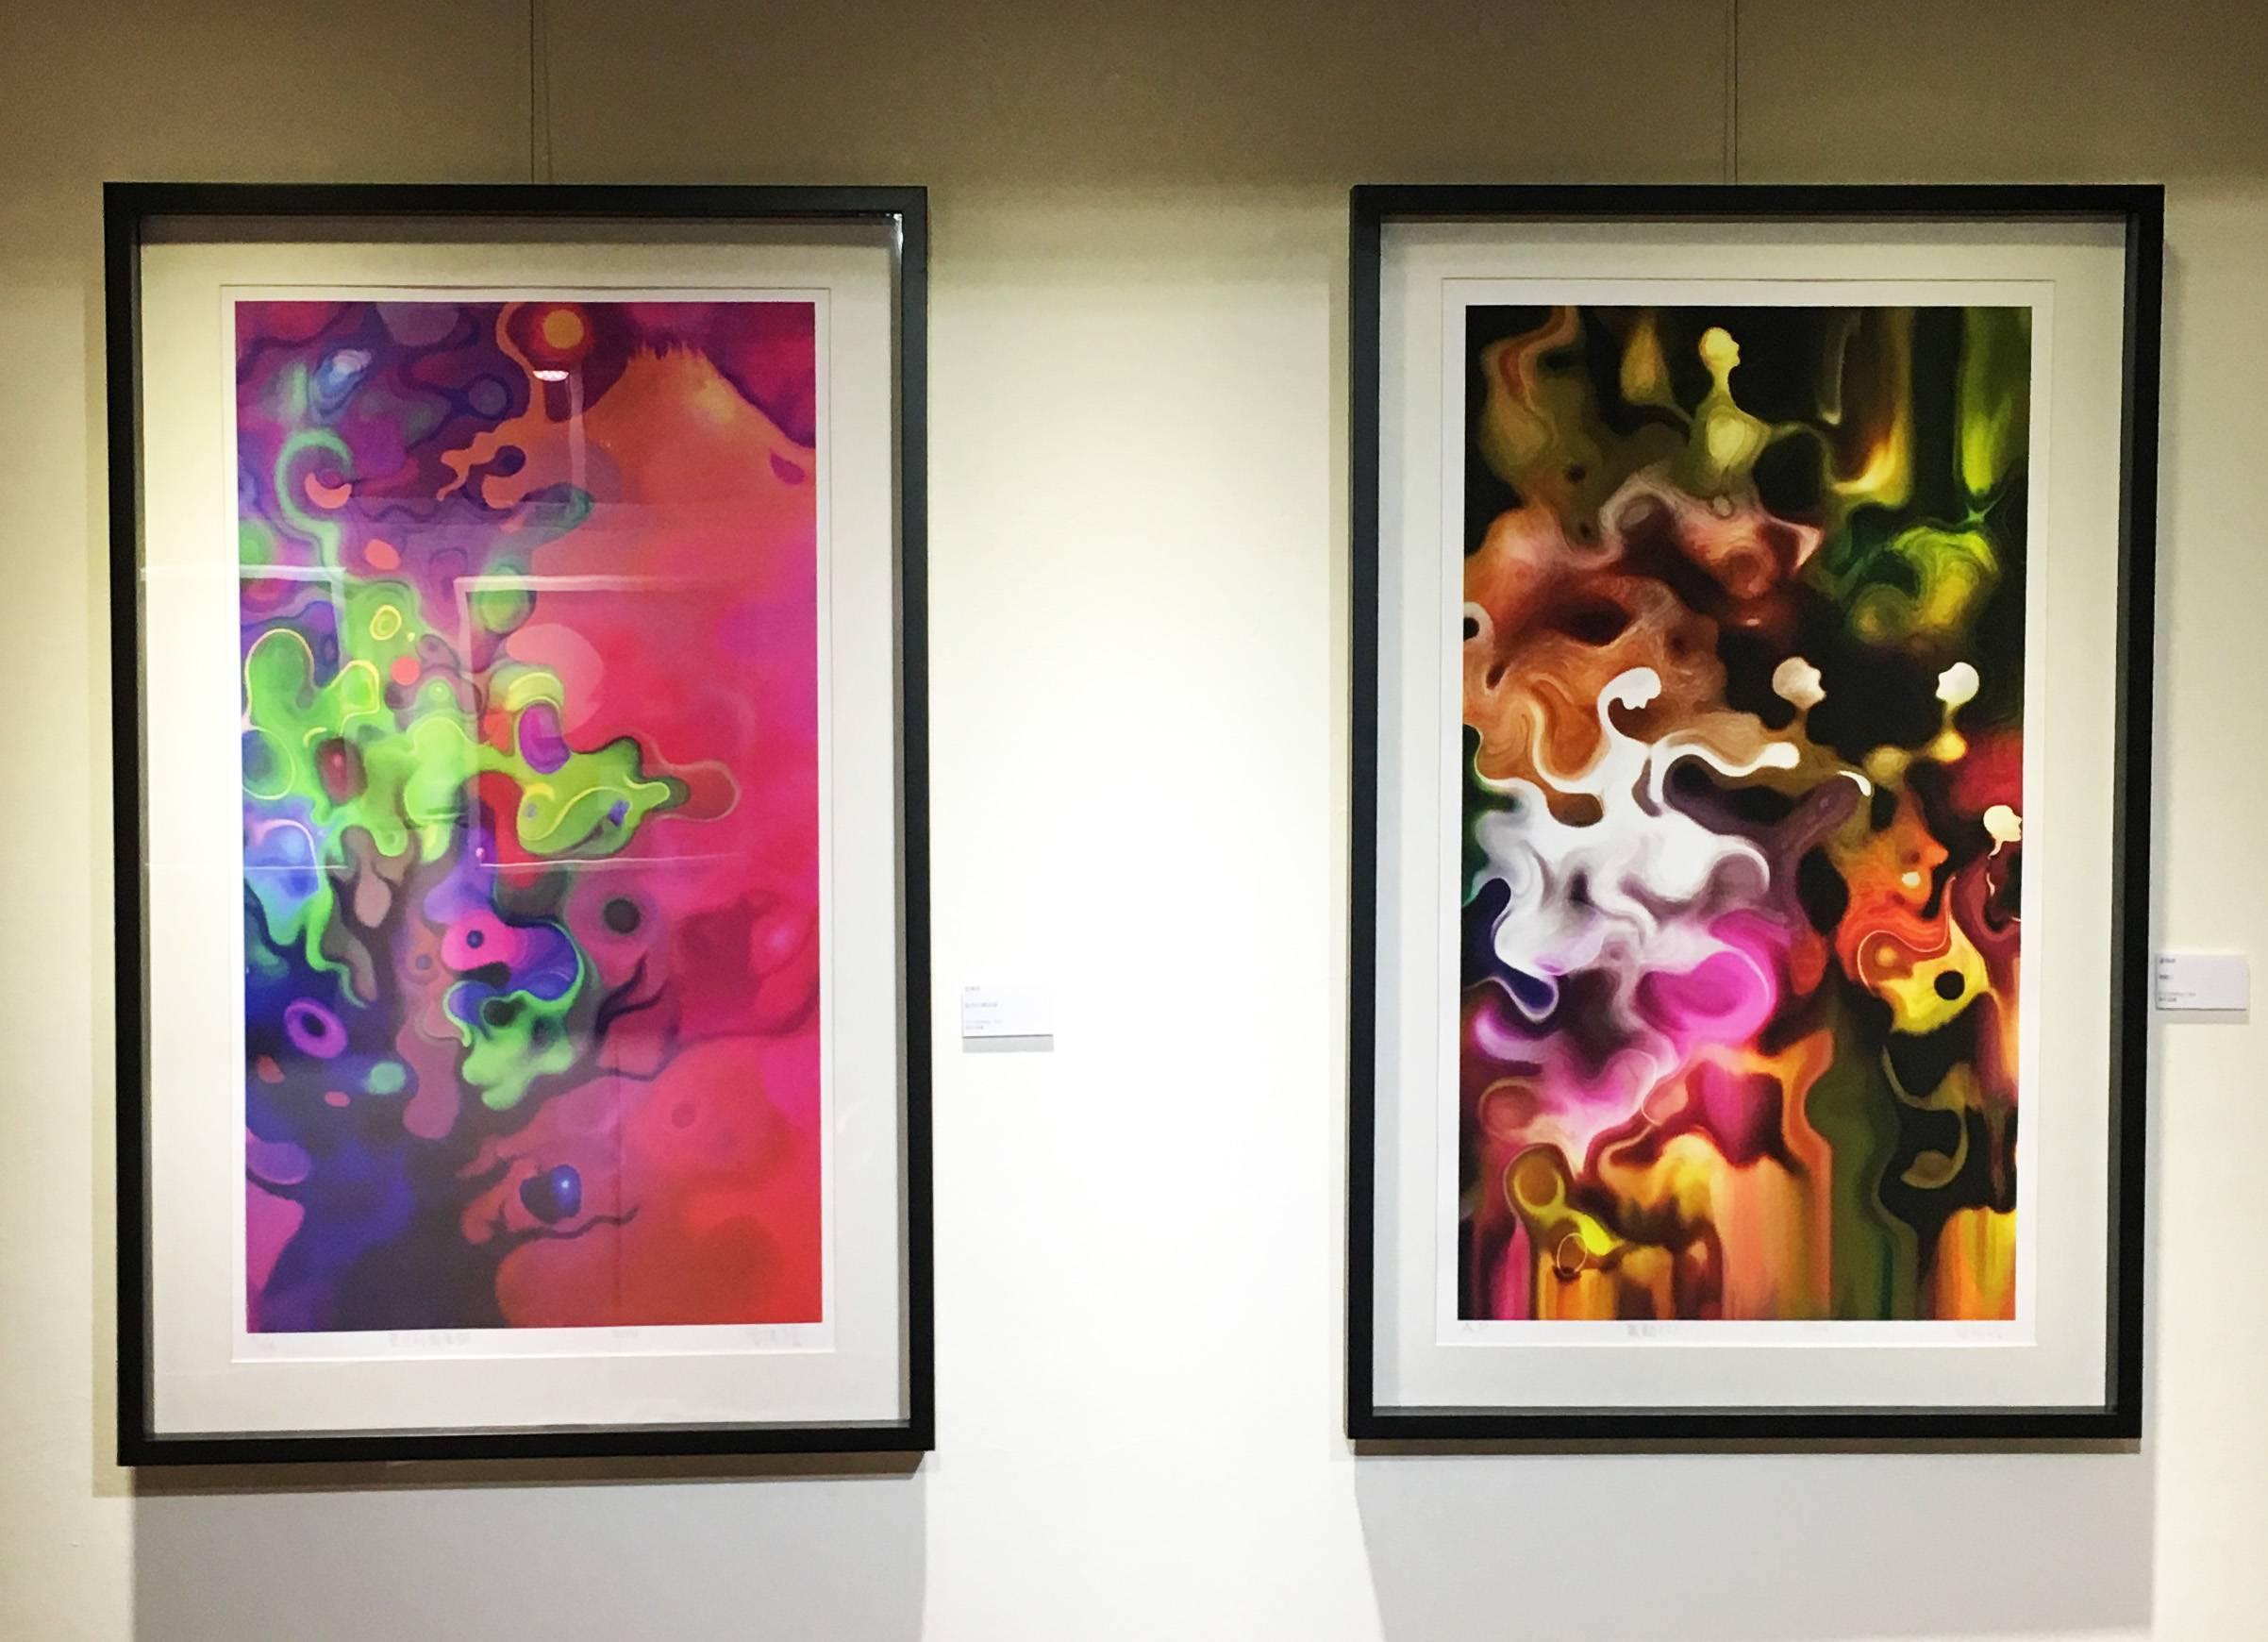 曾傳傑,《藍色的蘋果樹》50 x 90 cm,版畫,2014 (左)。《舞動2》50 x 90 cm,版畫,2014 (右)。